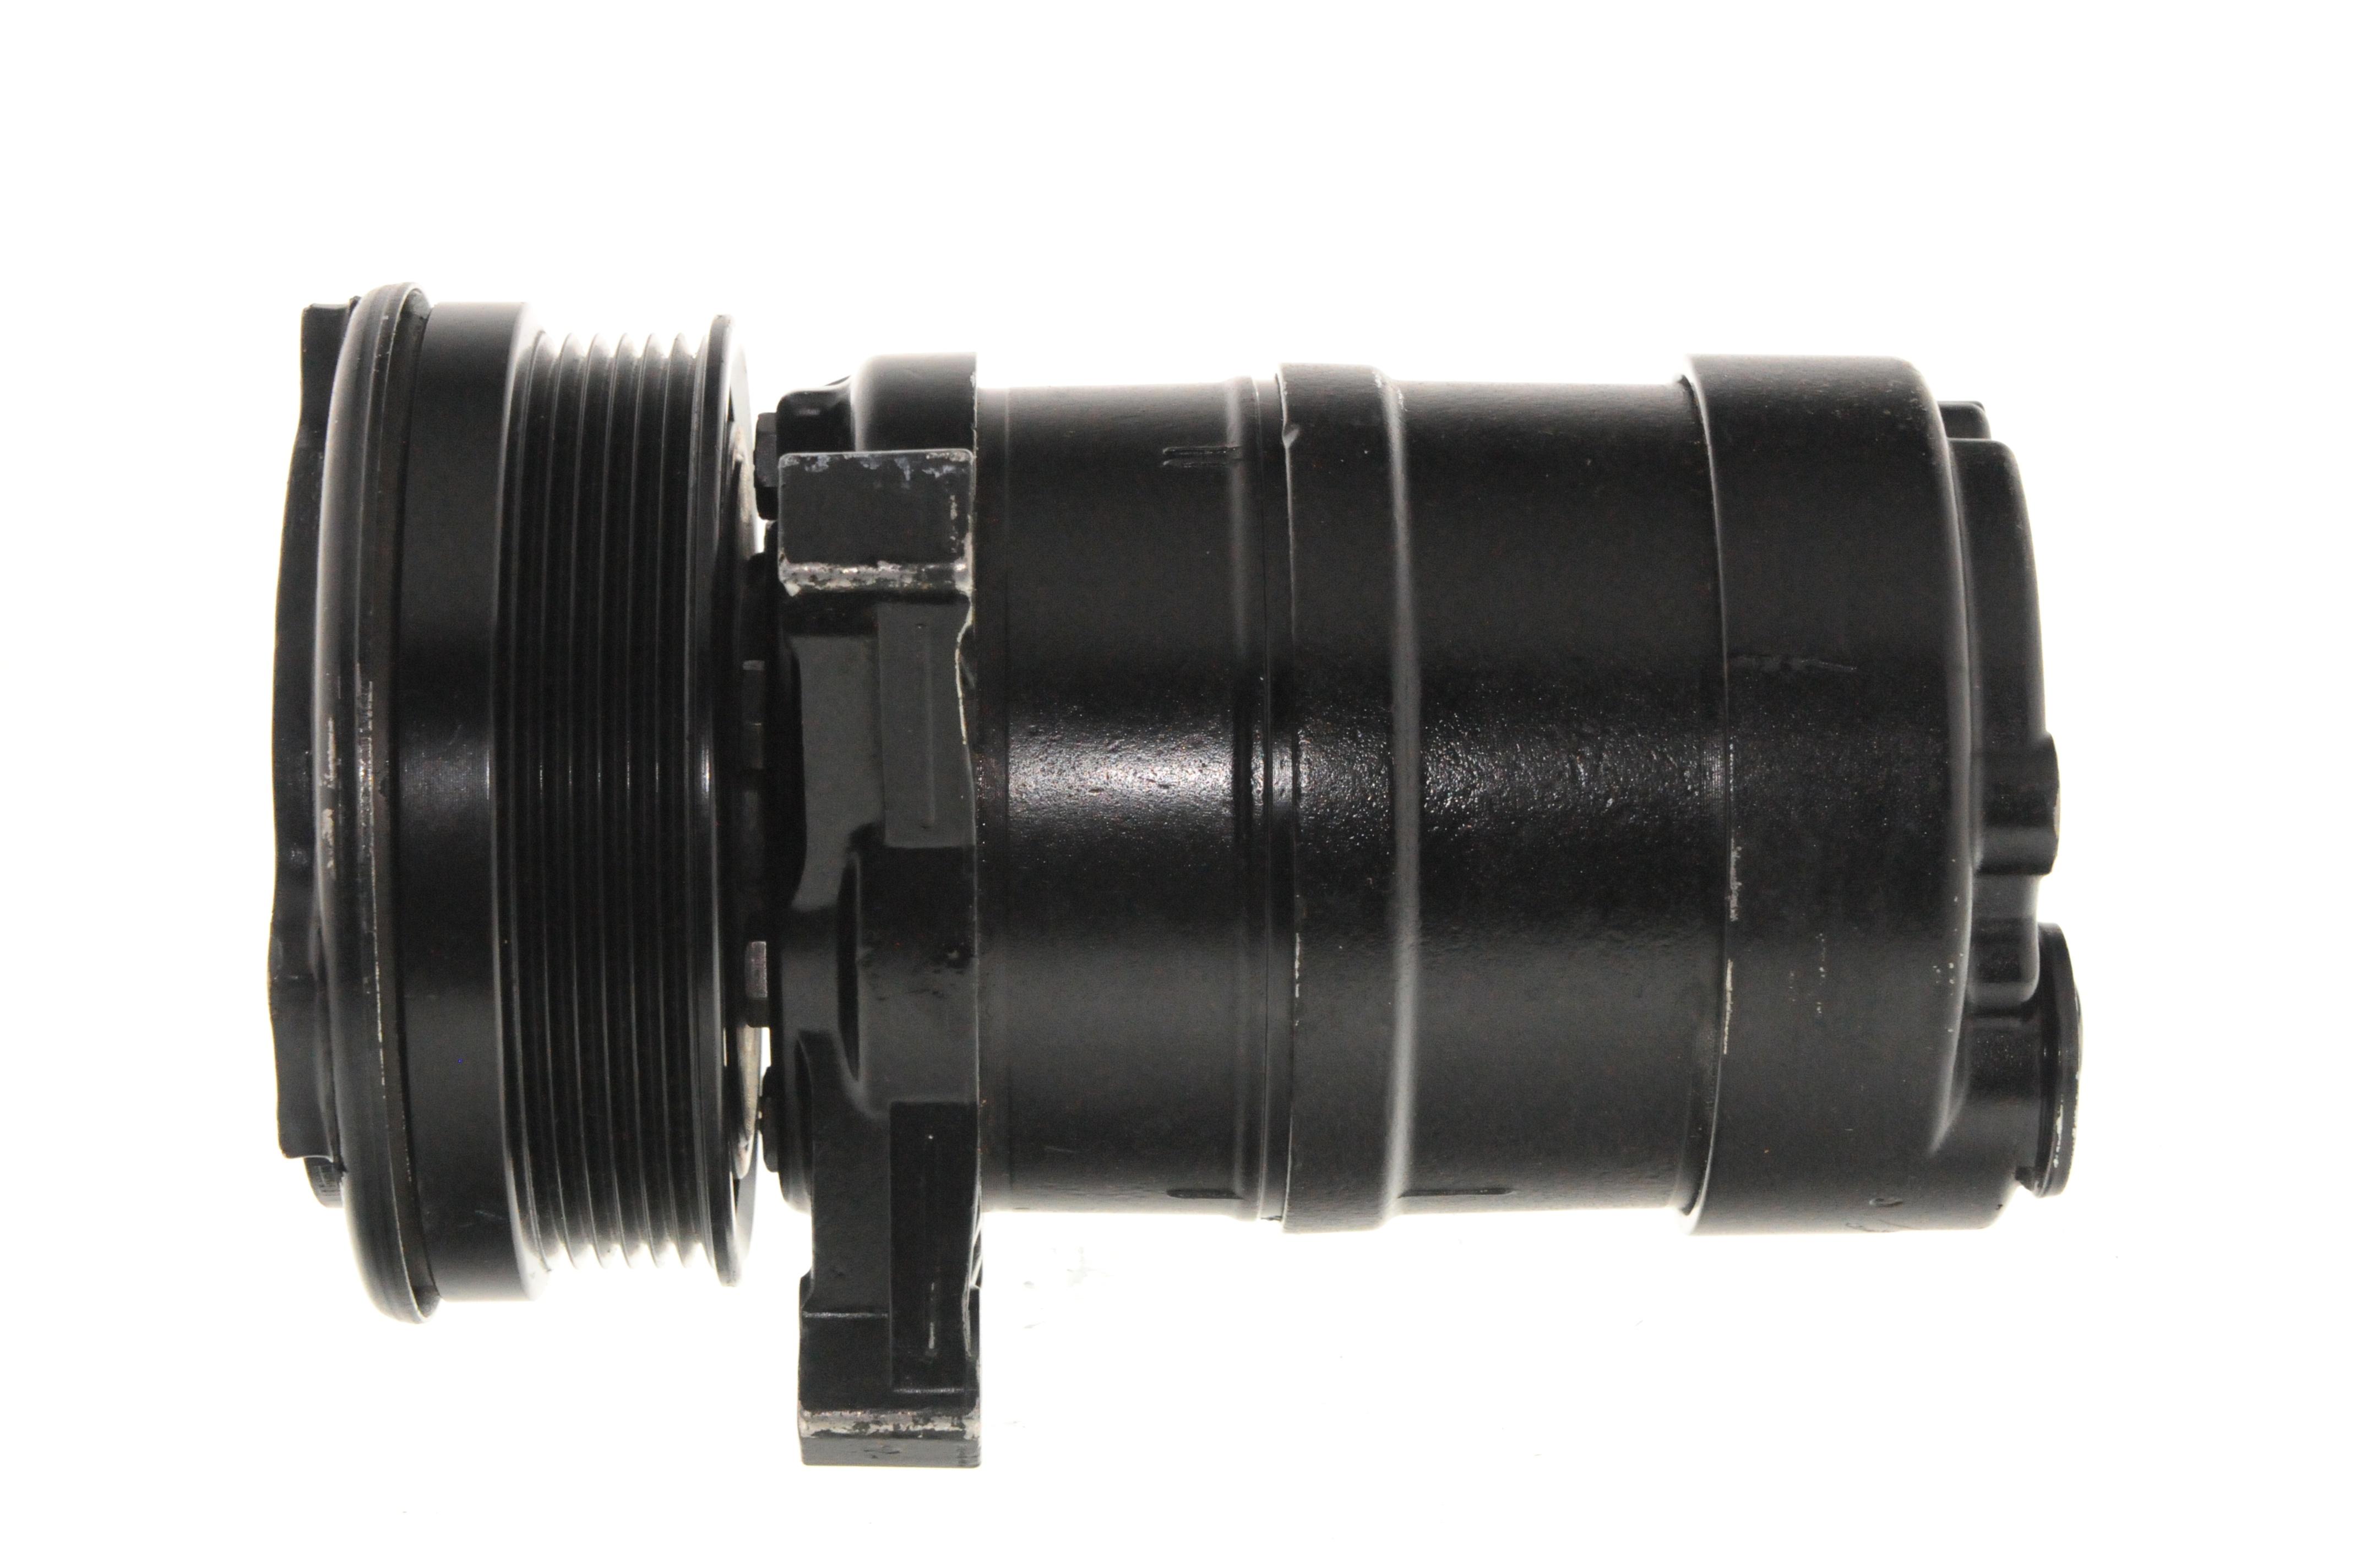 ACDELCO GM ORIGINAL EQUIPMENT - Reman A/C Compressor - DCB 15-20425